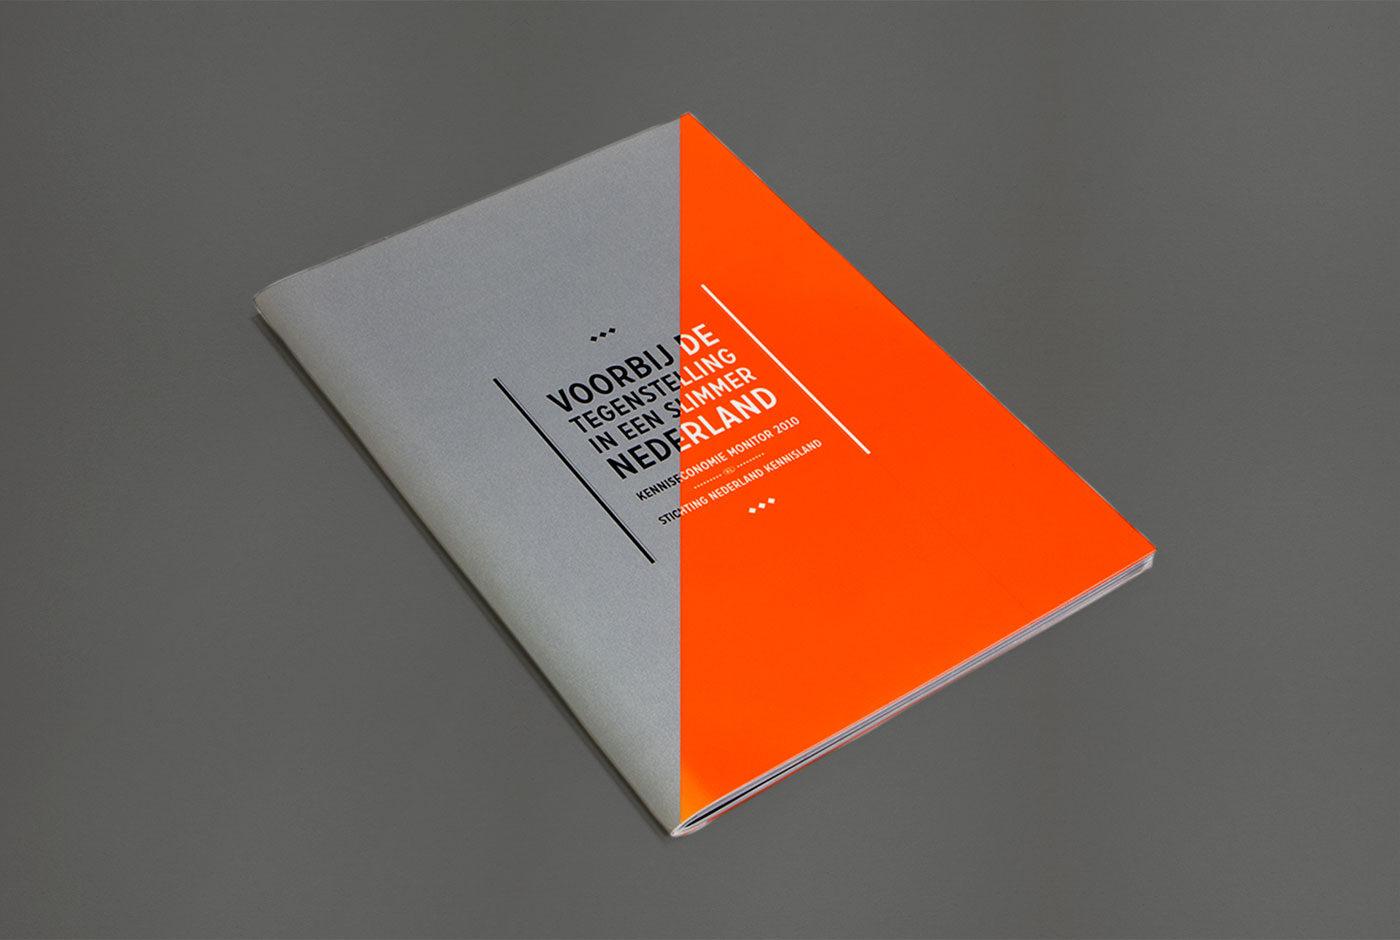 Een boek samengevat